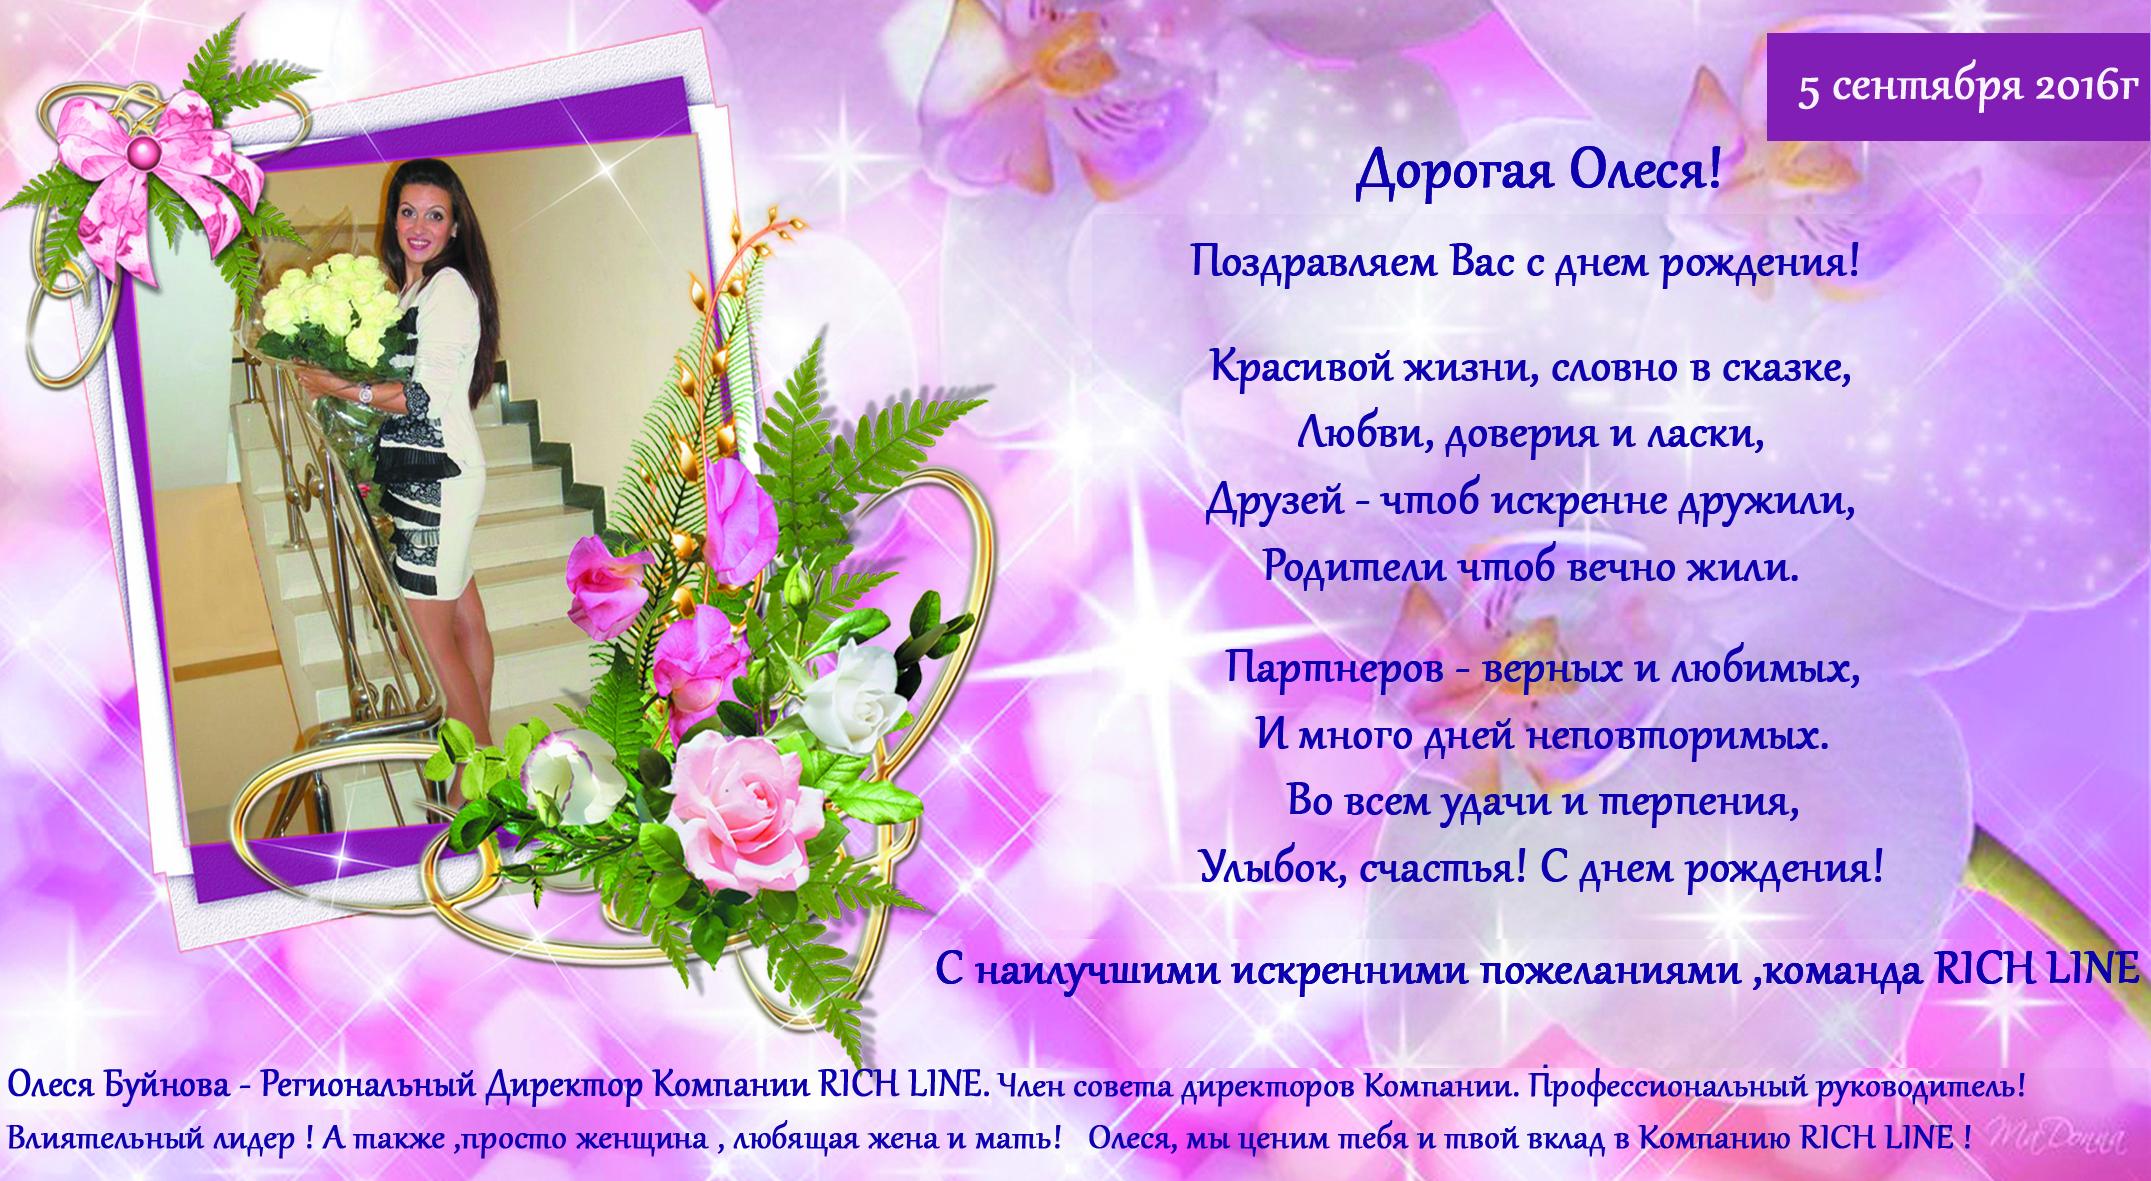 Поздравление с днем рождения алеси